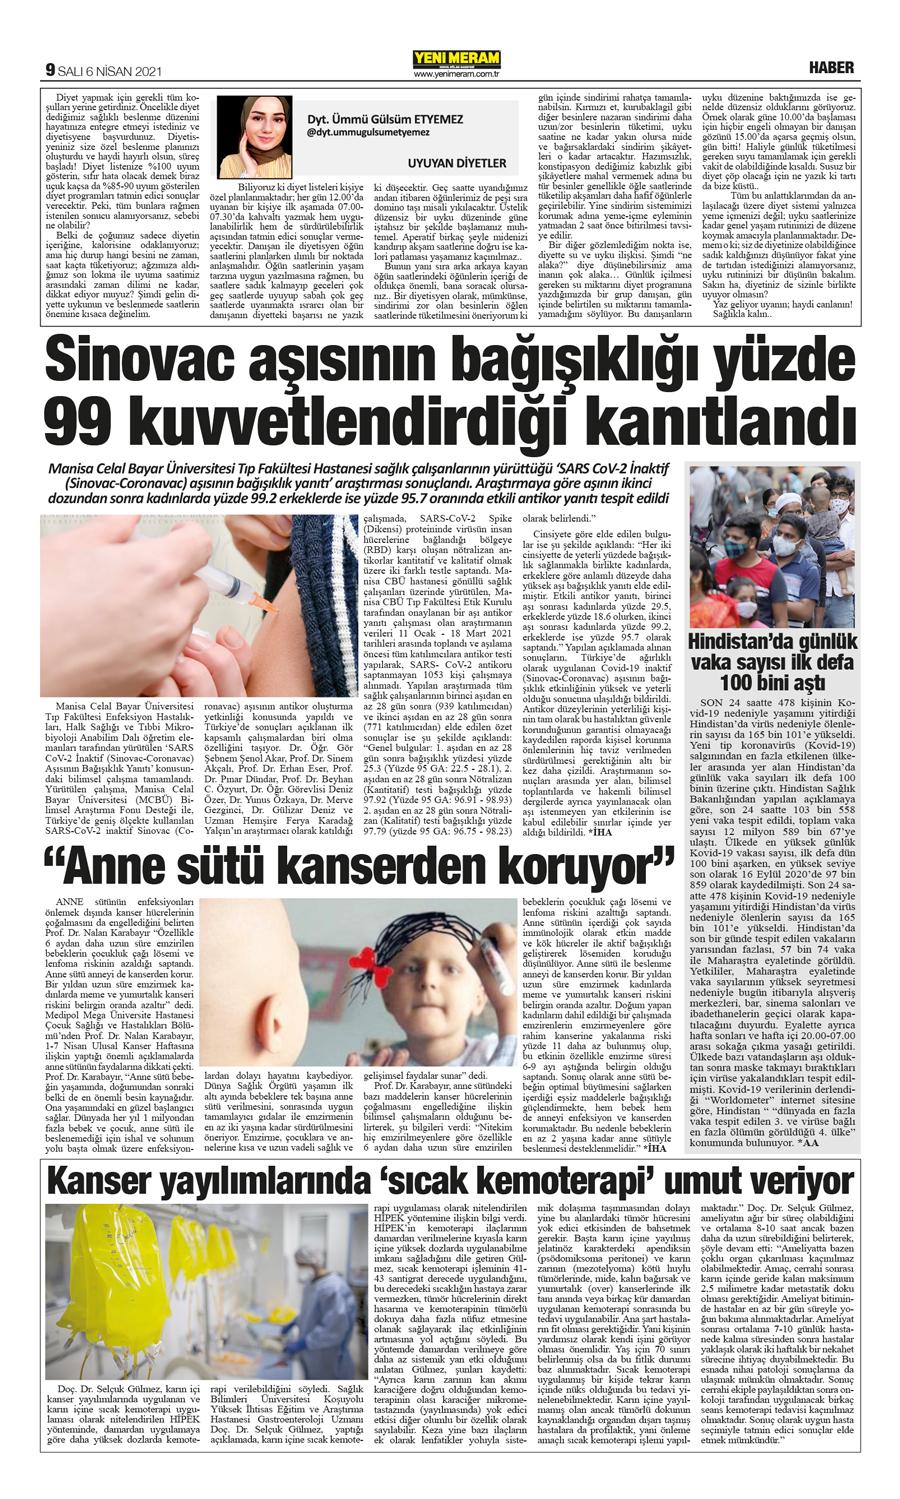 6 Nisan 2021 Yeni Meram Gazetesi